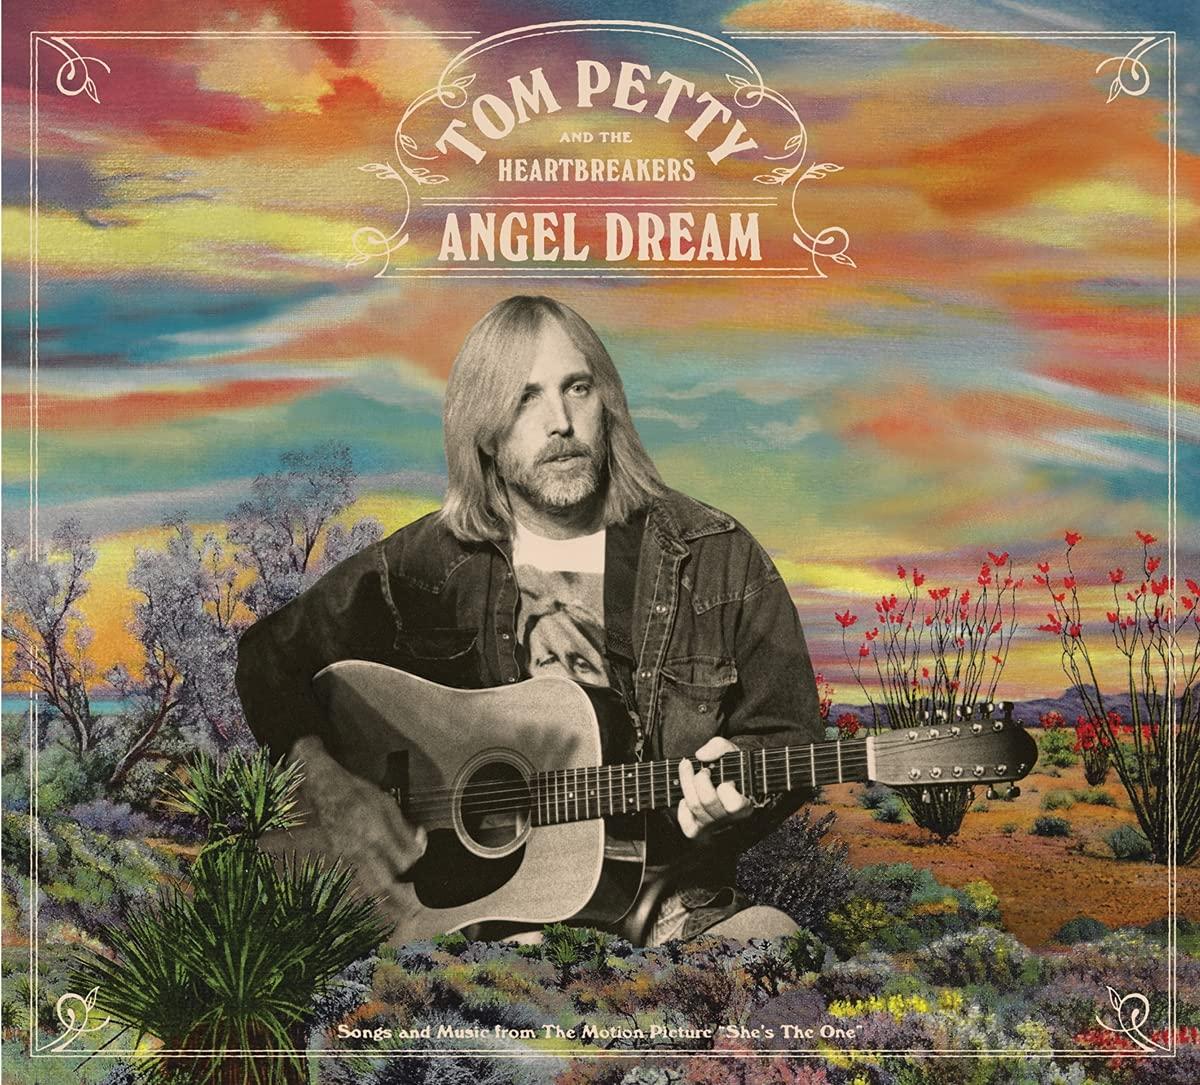 Tom Petty & The Heartbreakers – Angel Dream